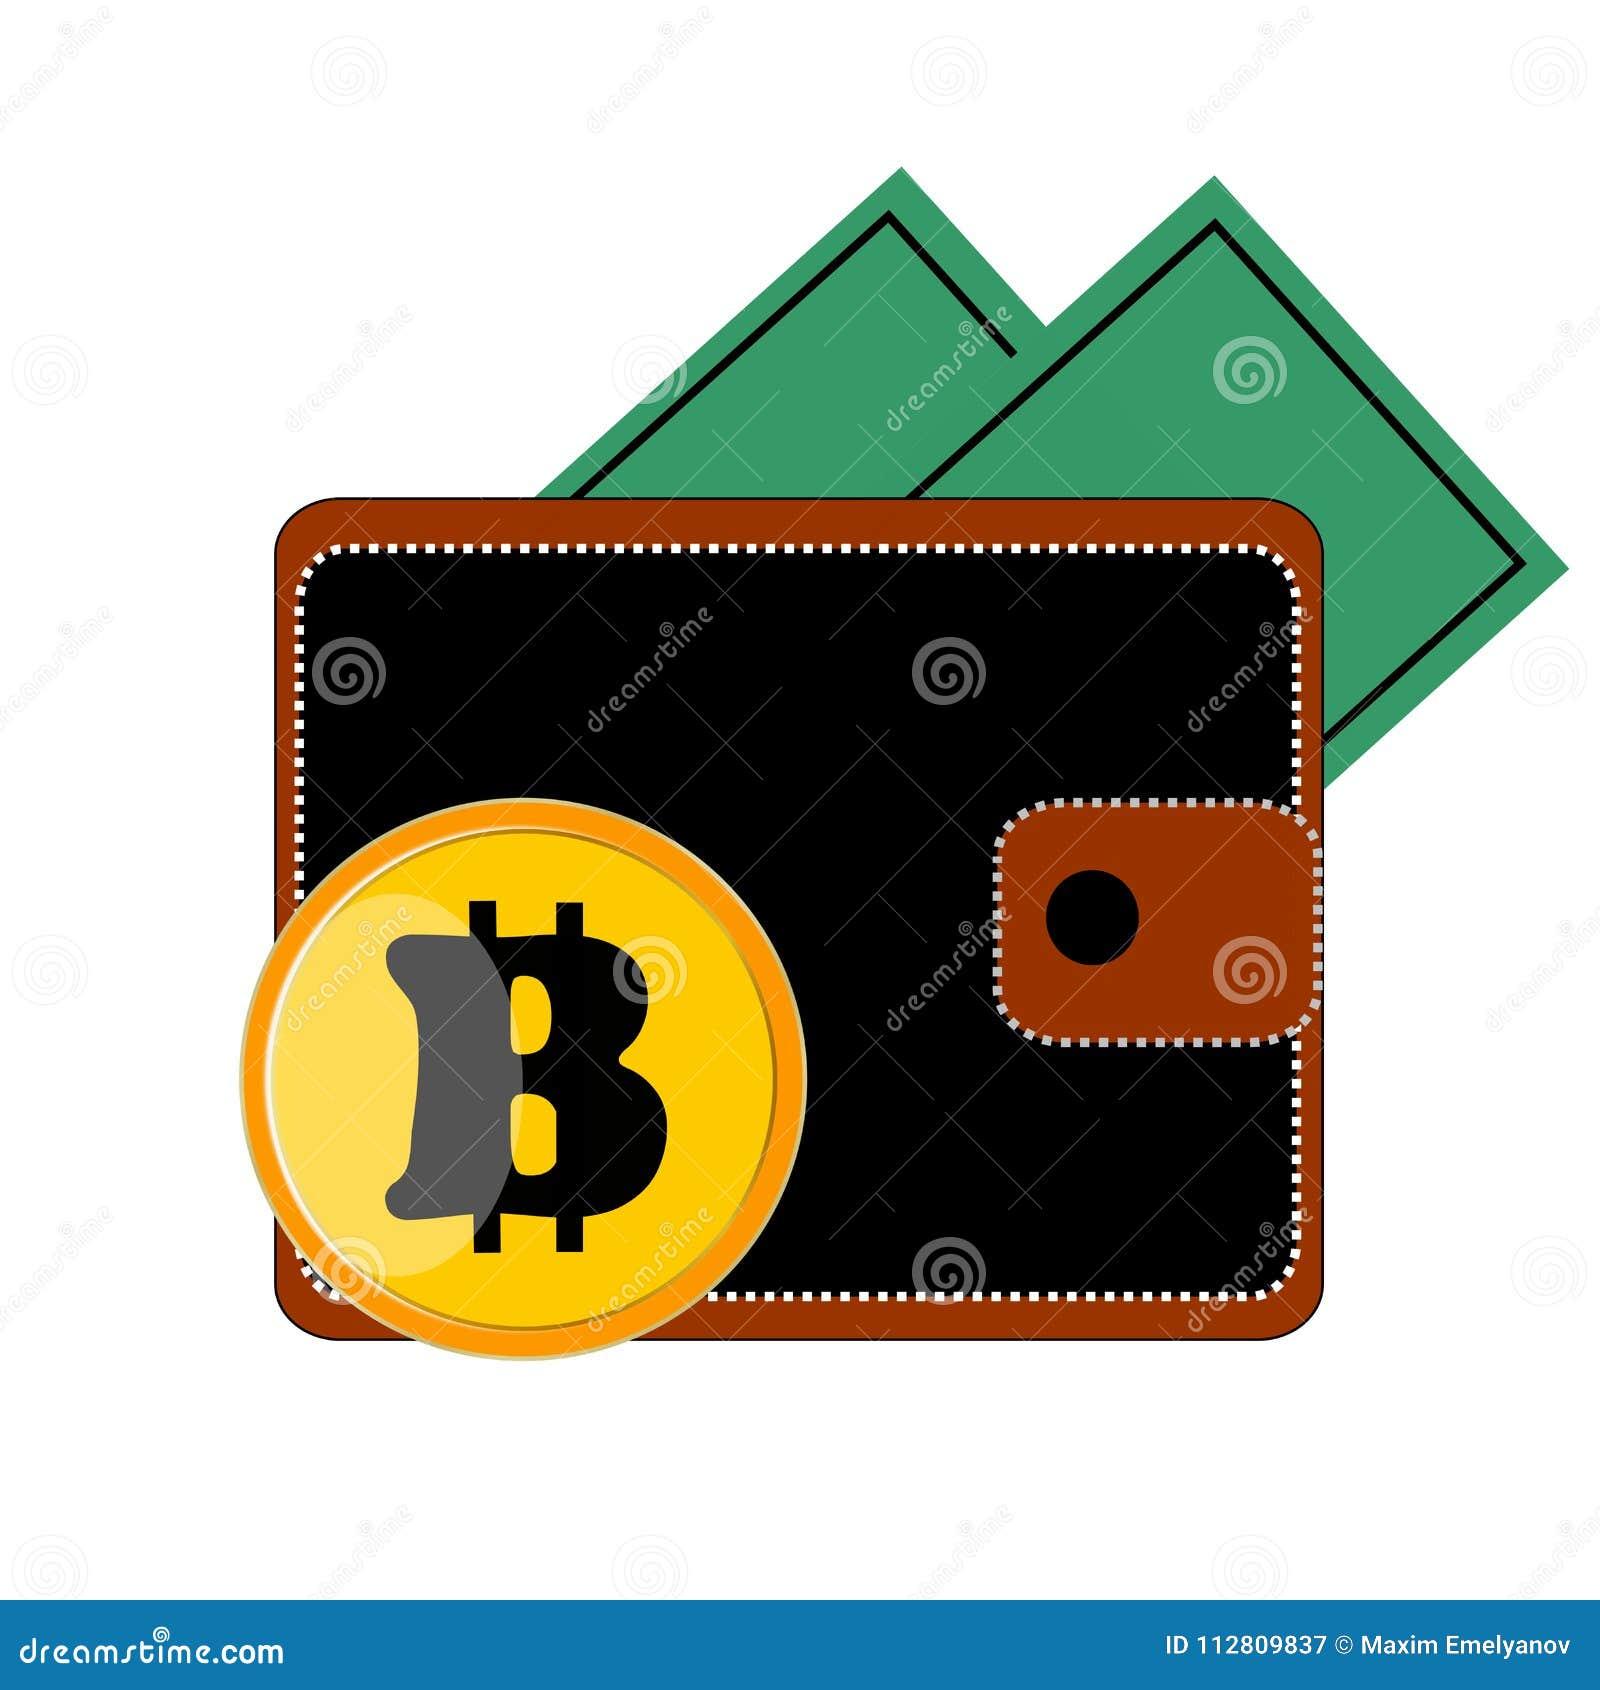 Svart är den bruna handväskan av ½ е för ¾ Ð för ¼ Ð för 'Ð för ¾ Ñ€Ñ för Ð-¿ Ð med knappbitcoinen bankvit och guling på en vit